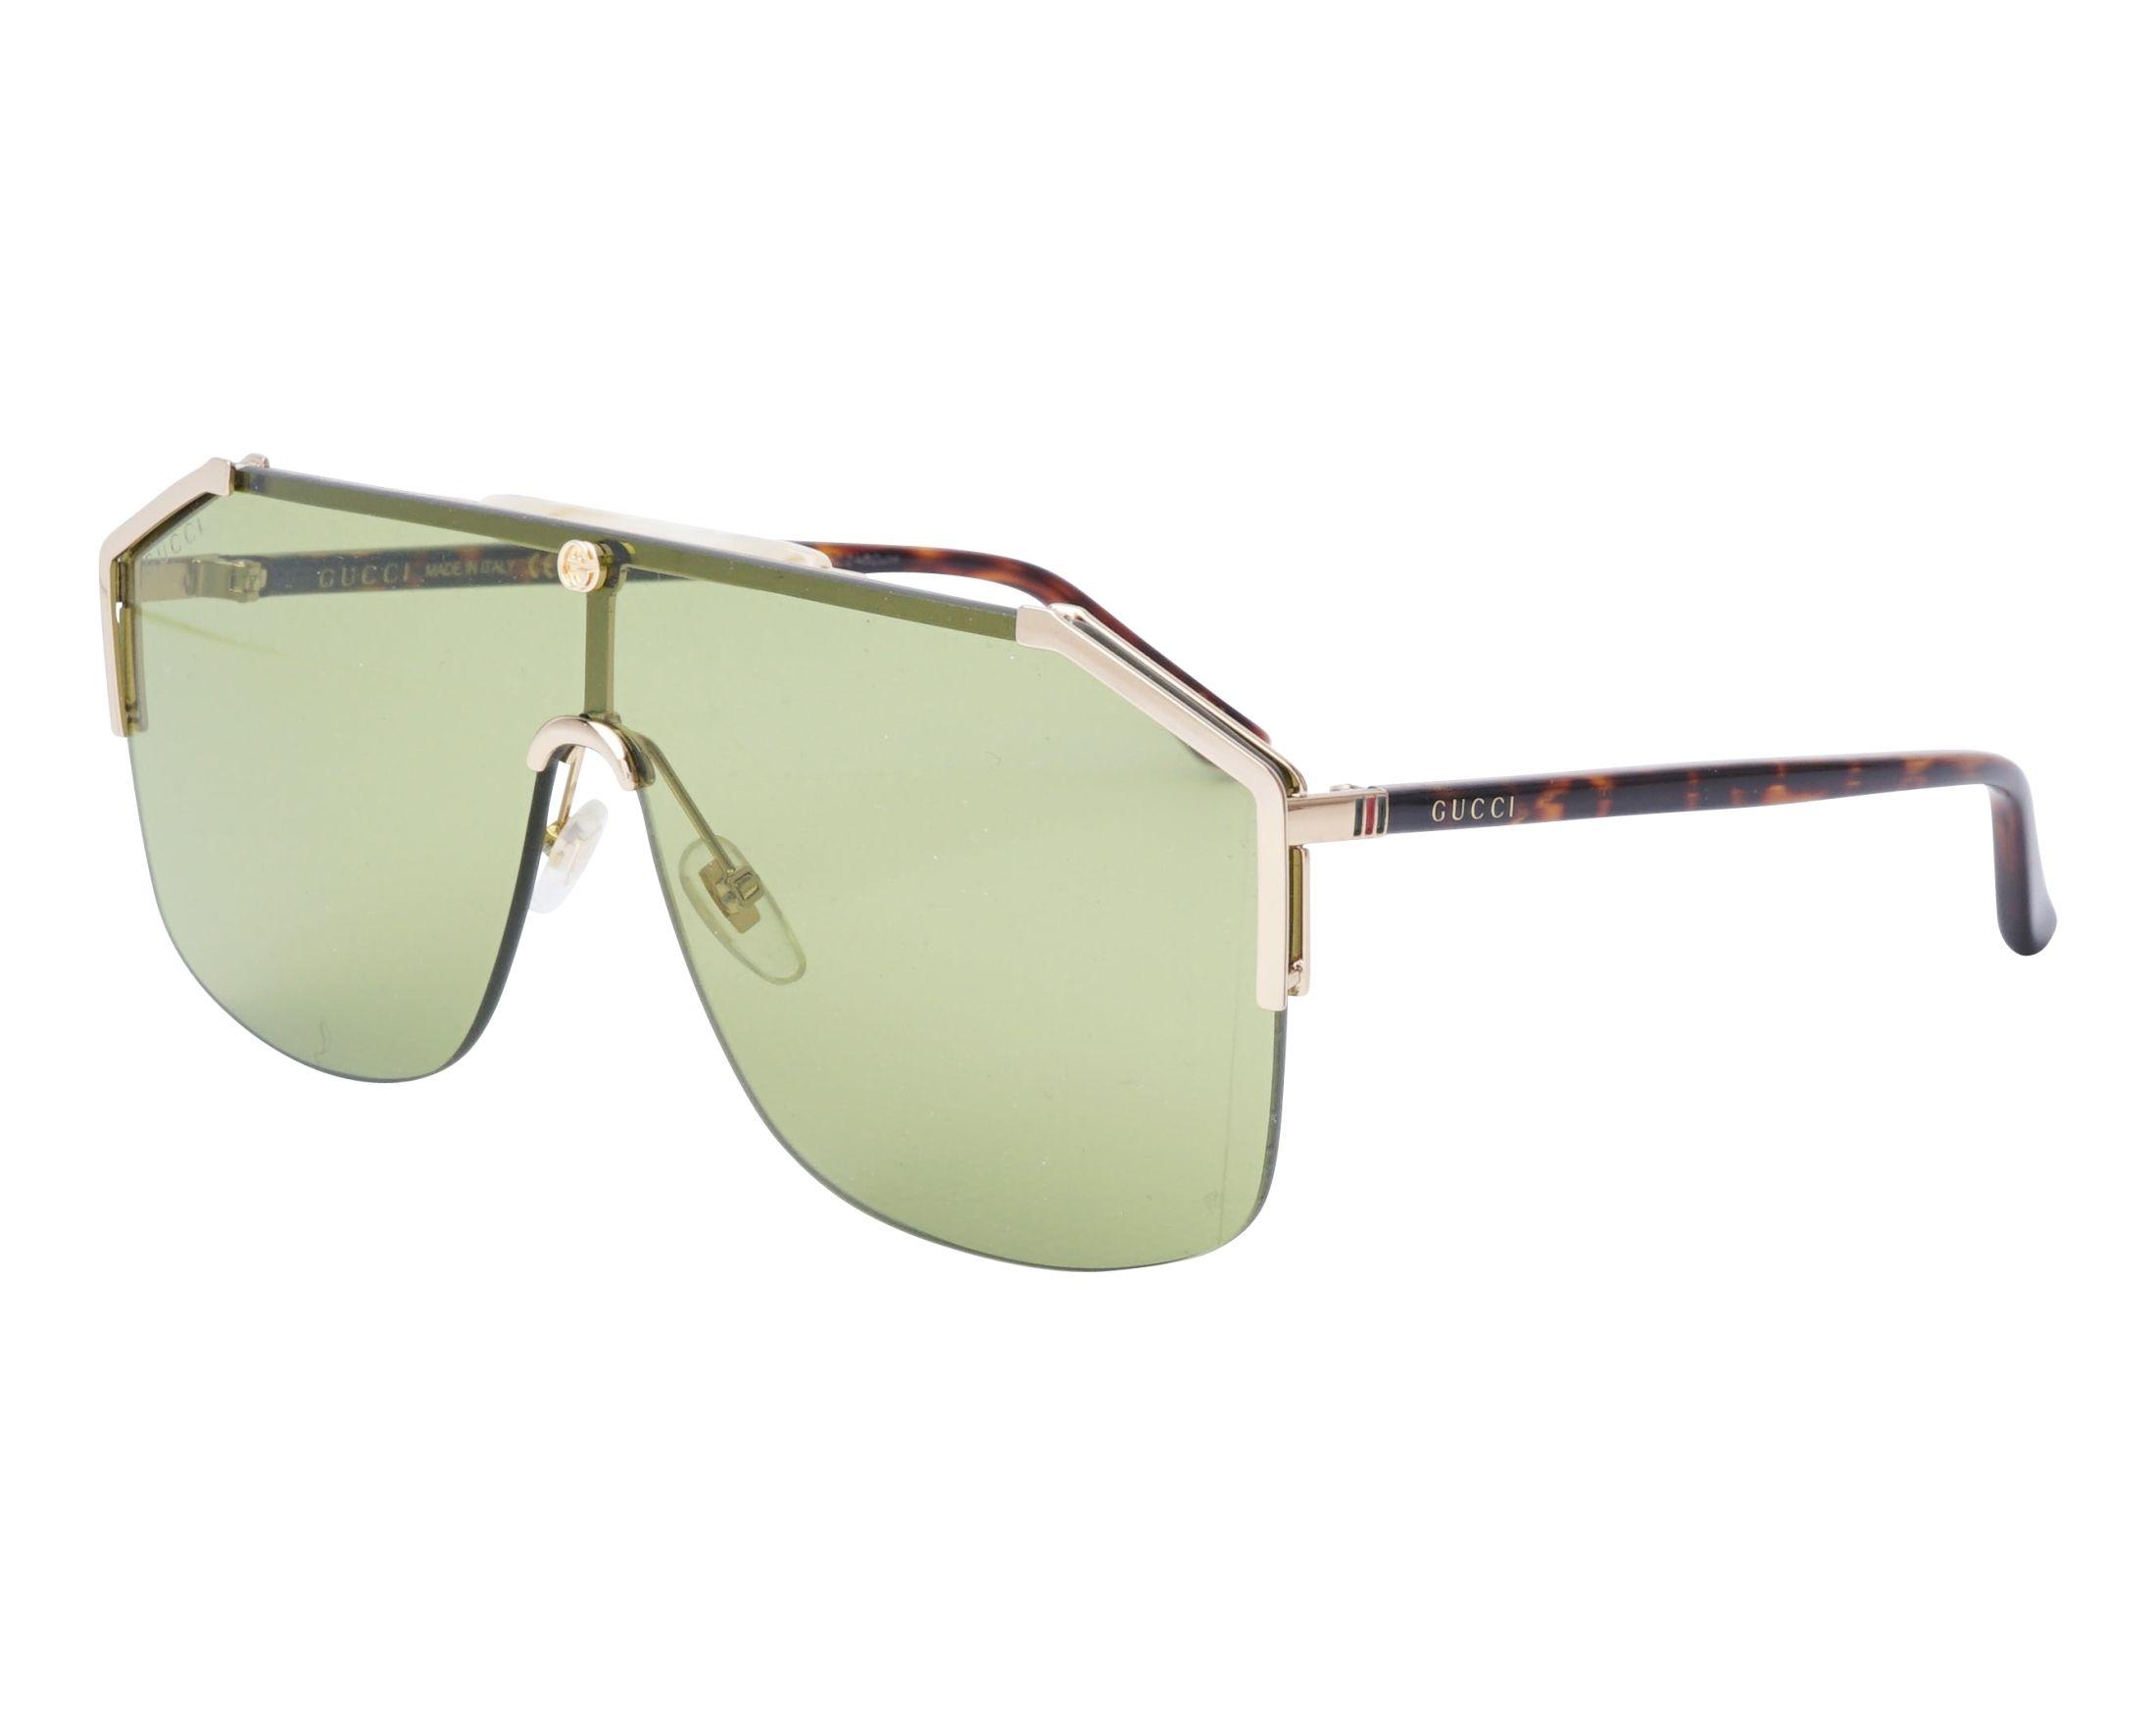 3a4bd0f6714 Sunglasses Gucci GG-0291-S 004 99-1 Gold Havana profile view